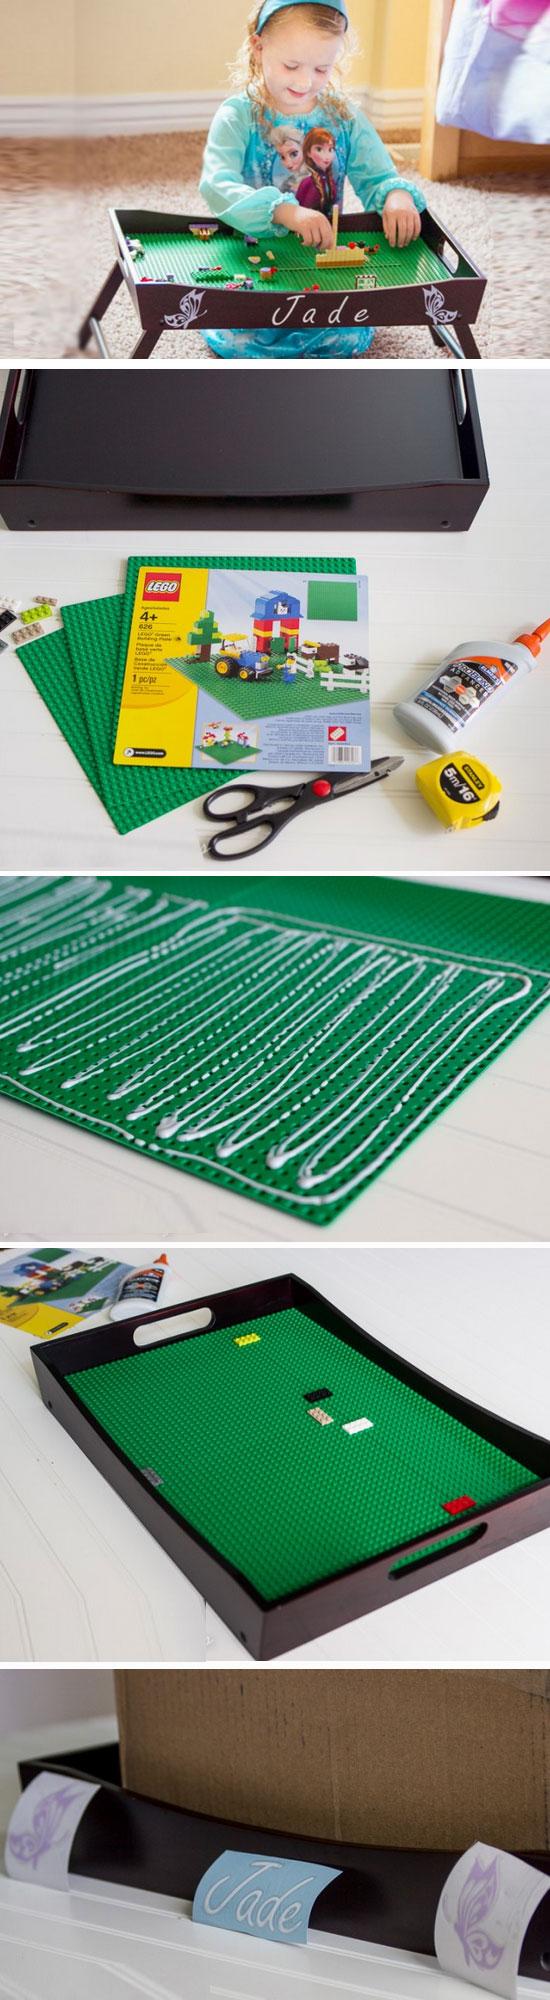 Lego Tray Play Station.